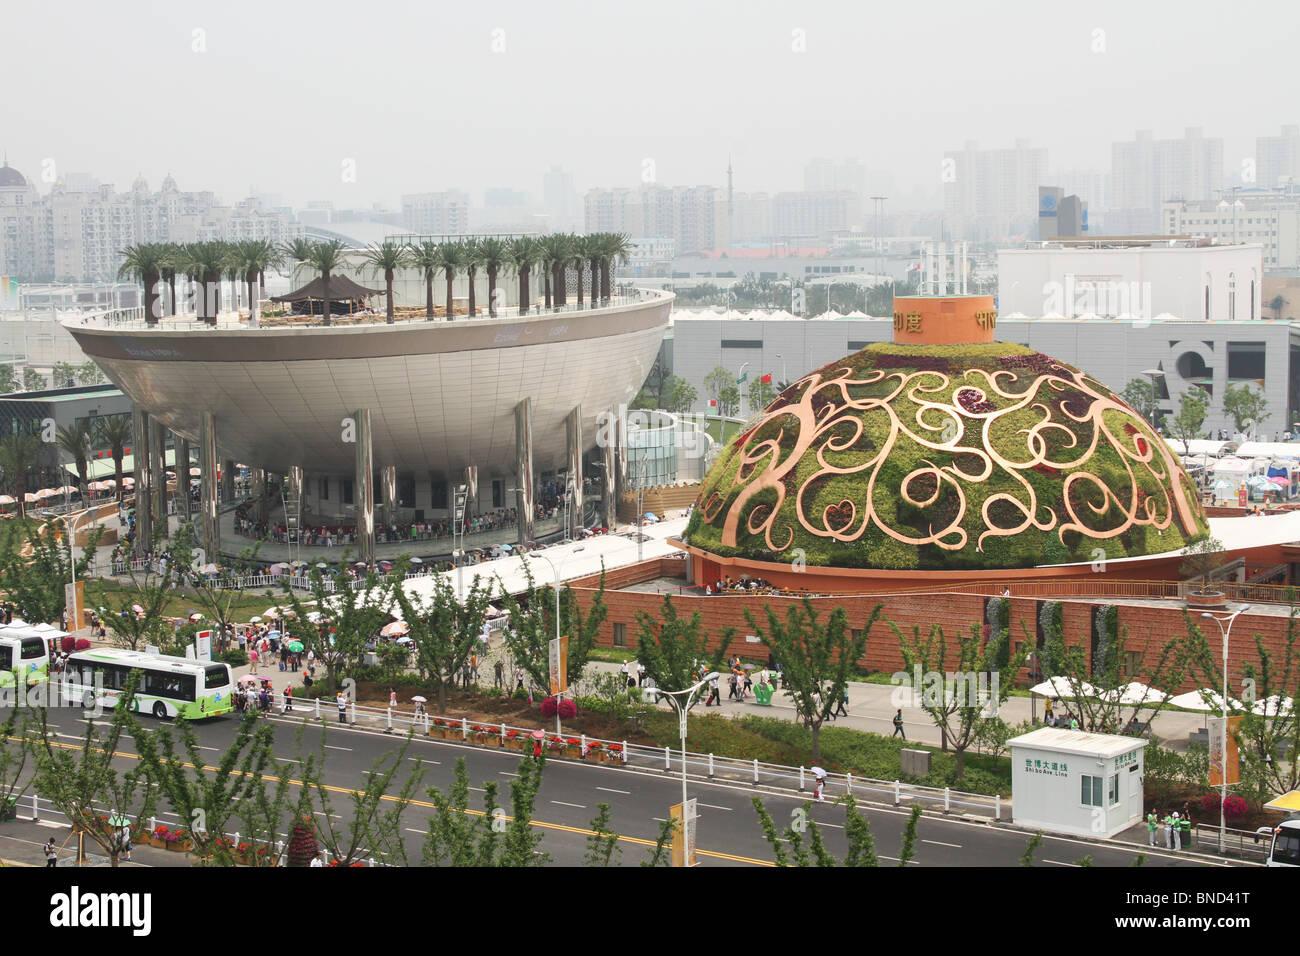 L'Arabie Saoudite Date pavillon avec palmiers plantés sur le dessus. Pavillon de l'Inde suivant. Photo Stock